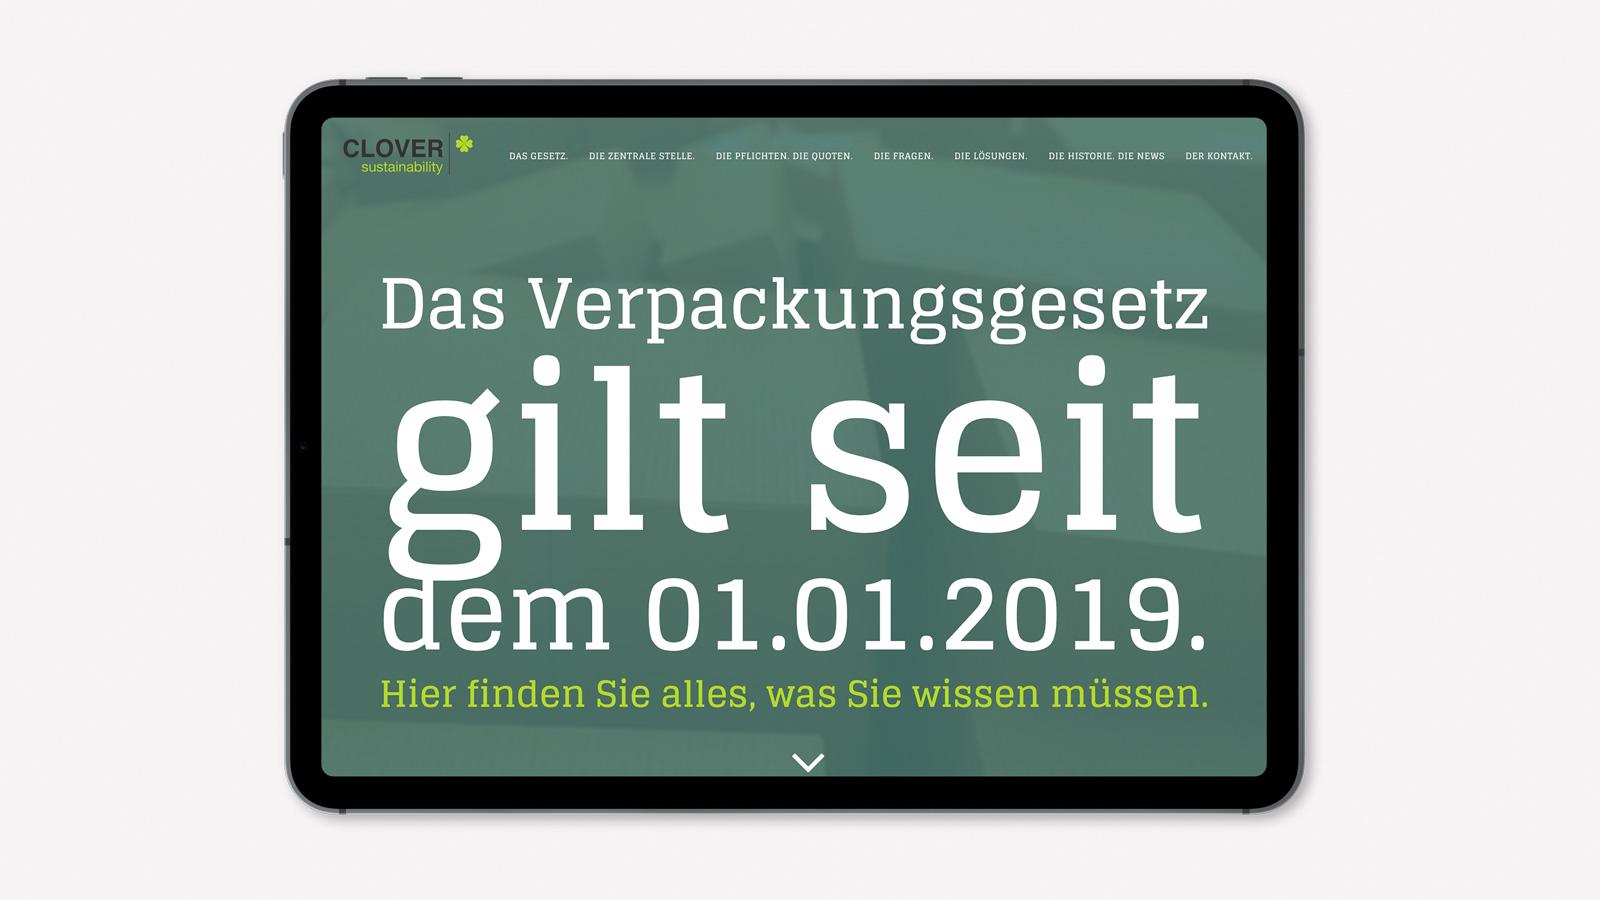 Responsive Webdesign für Verpackungsgesetz